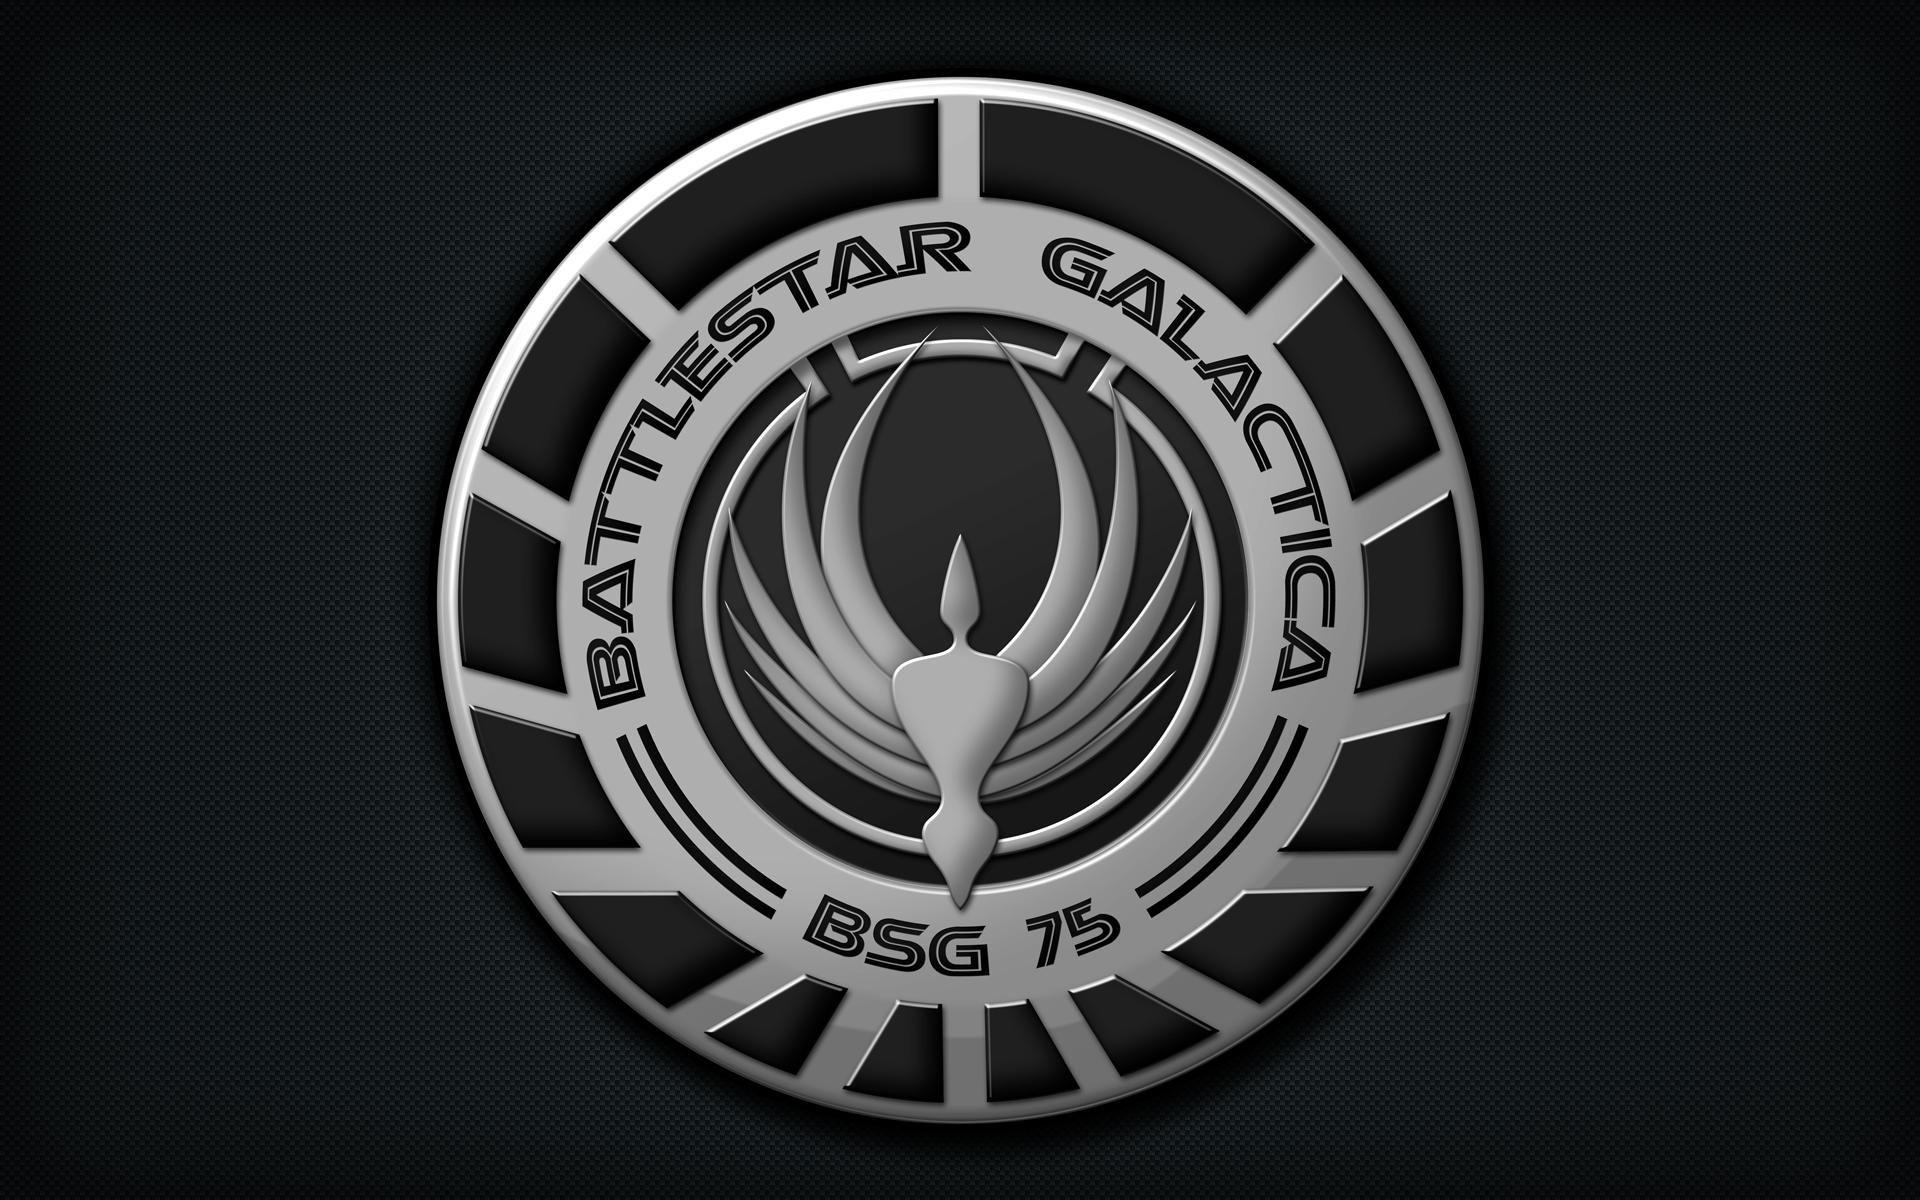 Battlestar Galactica Logos Insignia Logo 585863 Battlestar Galactica Logos Battle Star